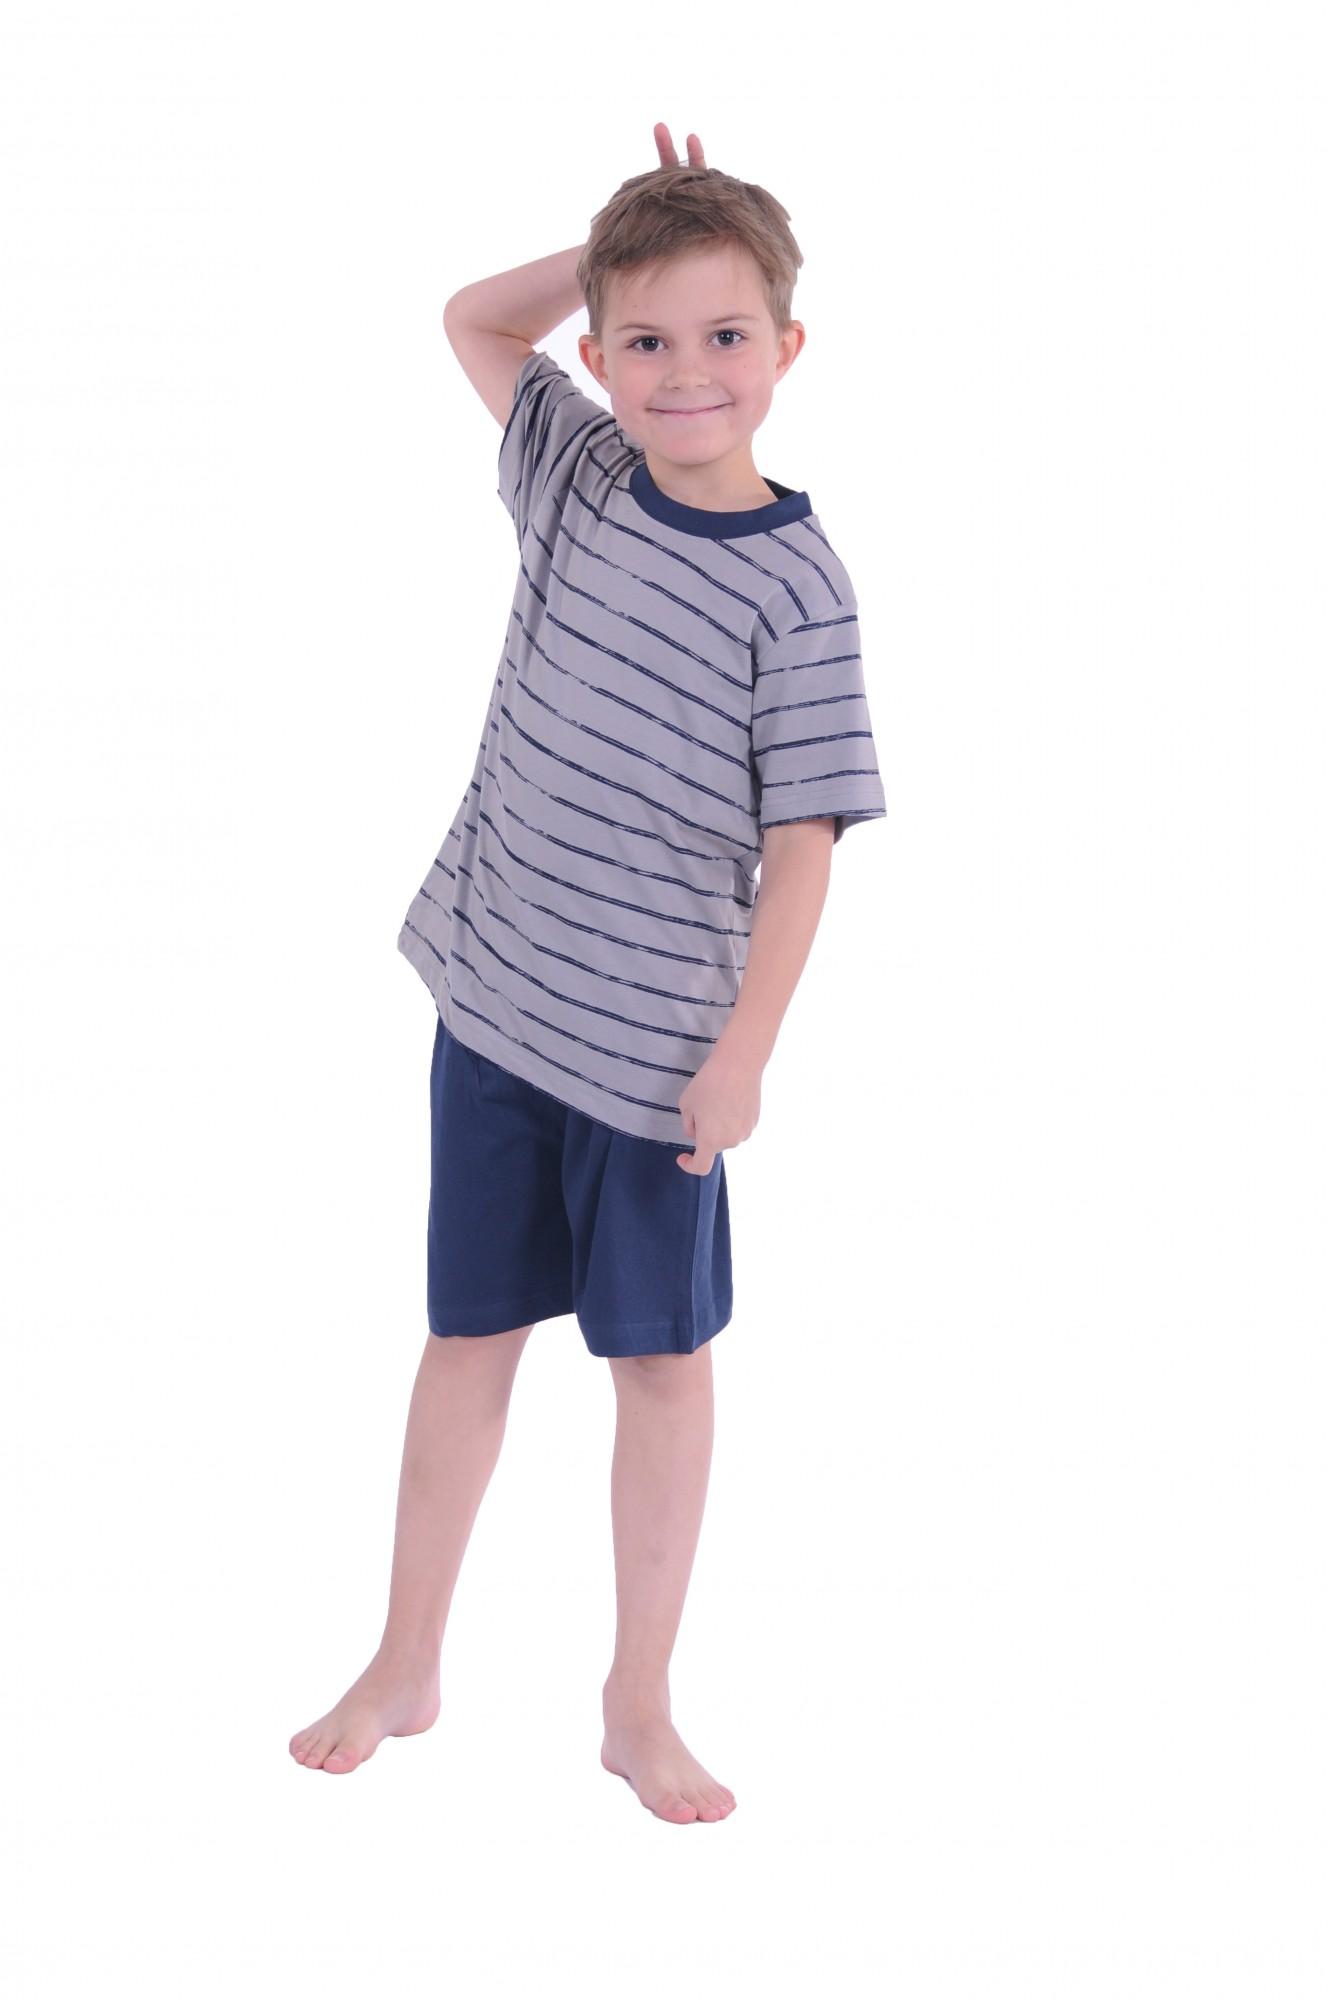 Jungen Kinder Shorty Pyjama kurzarm und mit Streifenoptik 171 505 90 741 – Bild 3